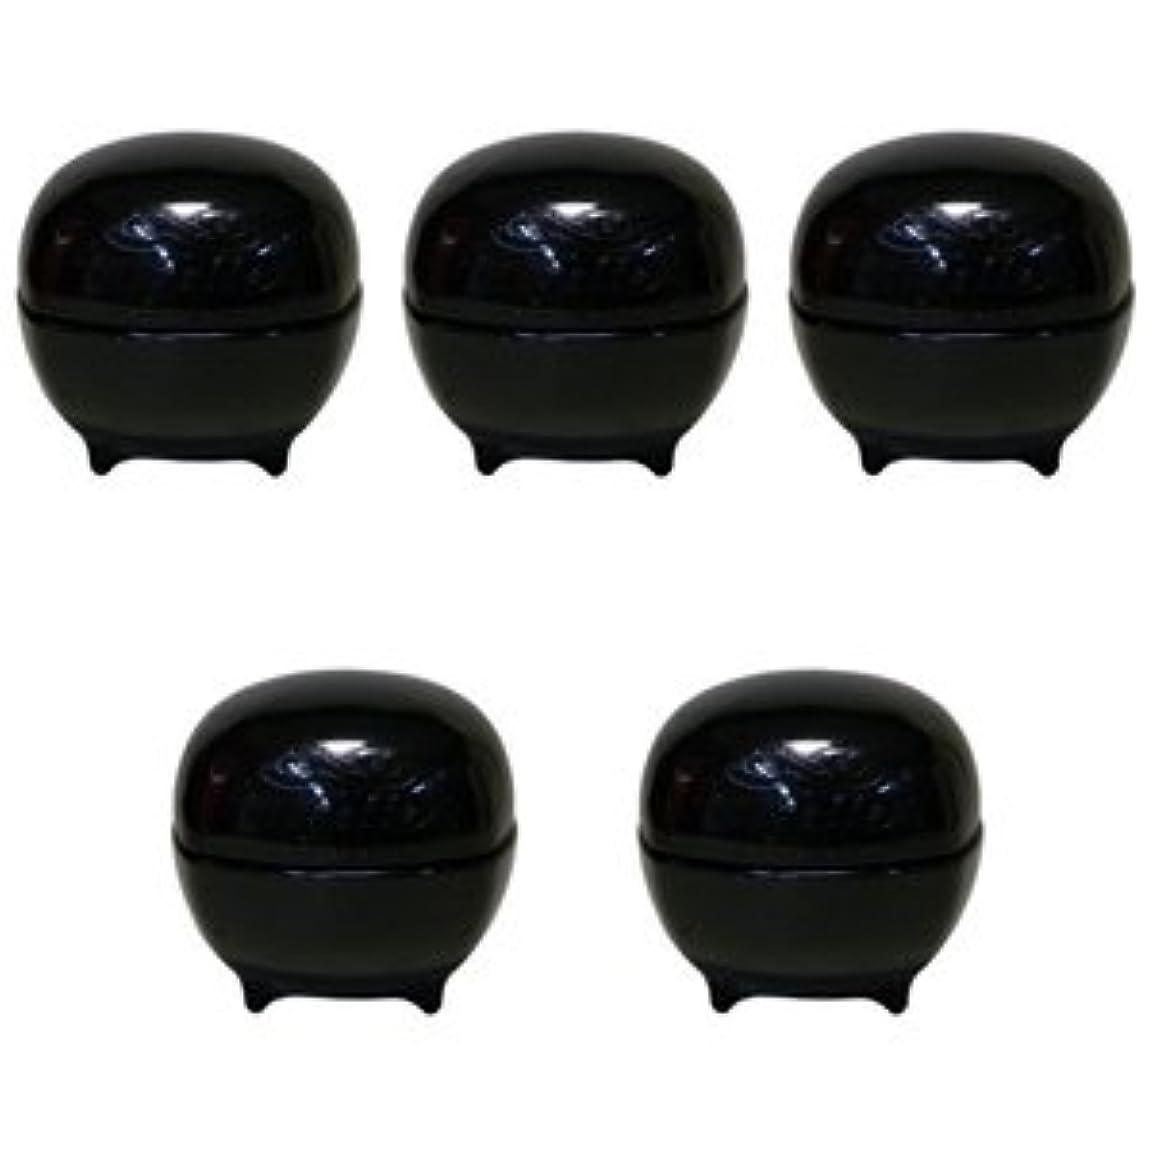 満了副産物収縮【X5個セット】 ミルボン ニゼル グラスプワックス 80g (ニゼルドレシアコレクション) GRASP WAX MILBON